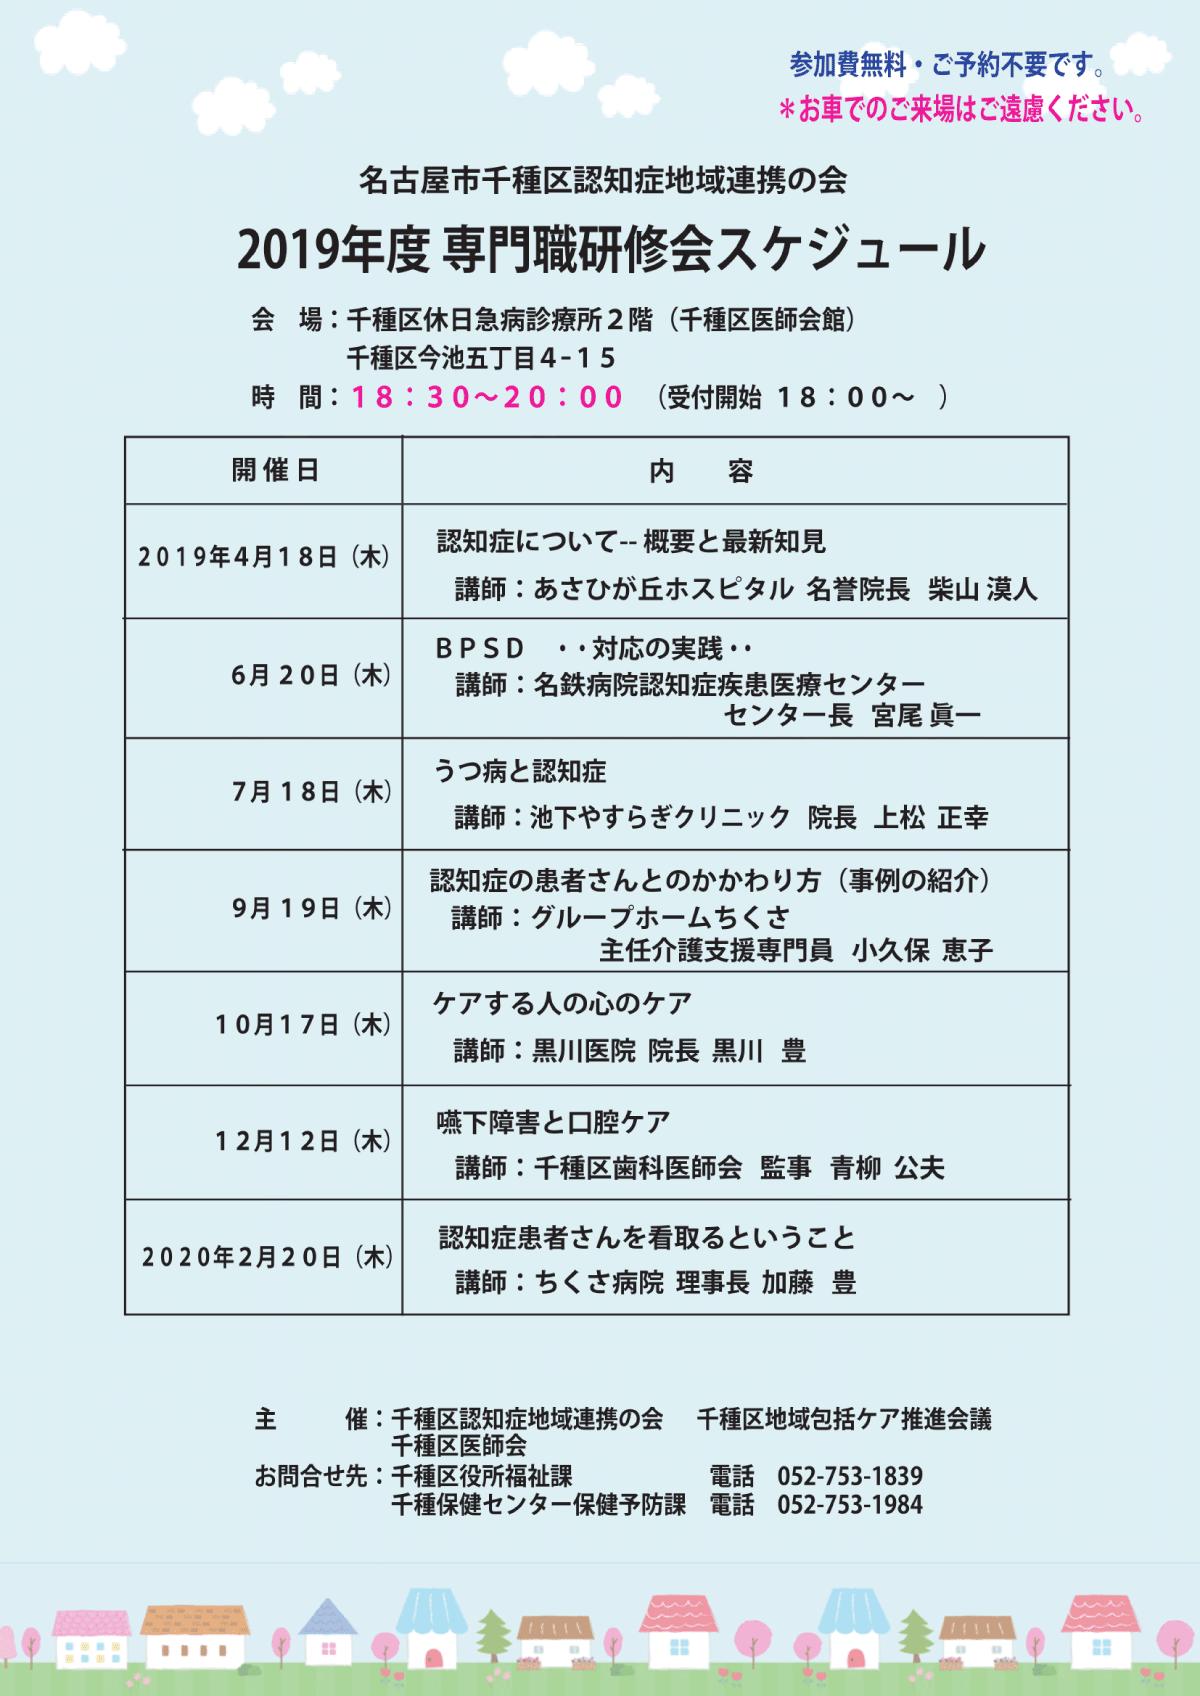 2019年度 専門職研修会